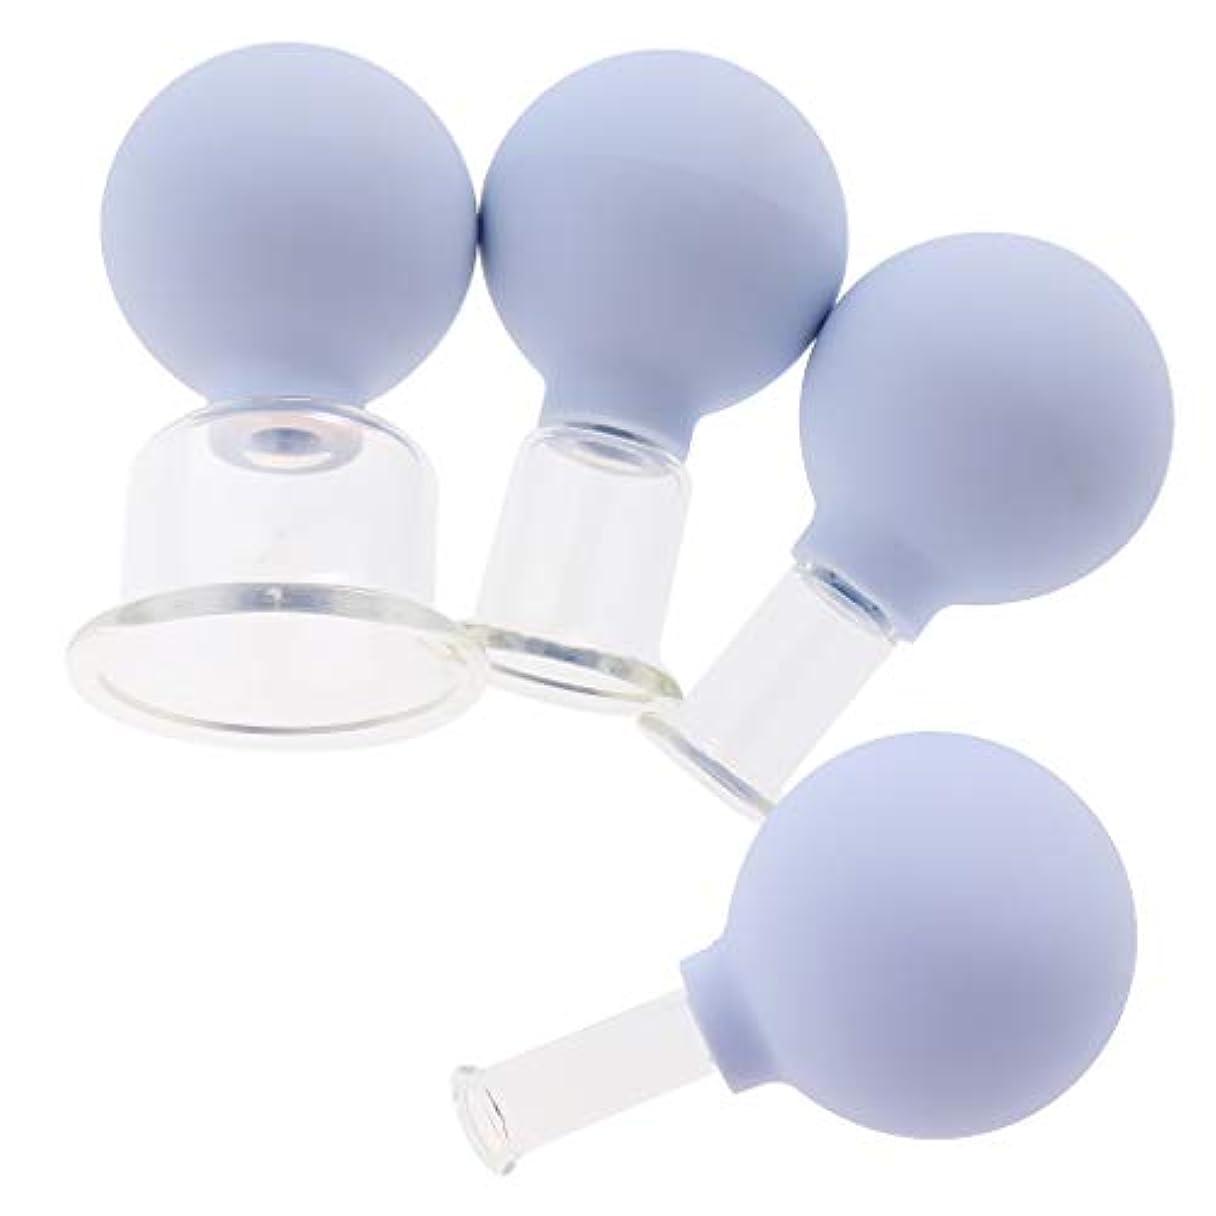 娘近代化娘dailymall 4セットガラス真空マッサージフェイスアイカッピングカップアンチセルライト - 白